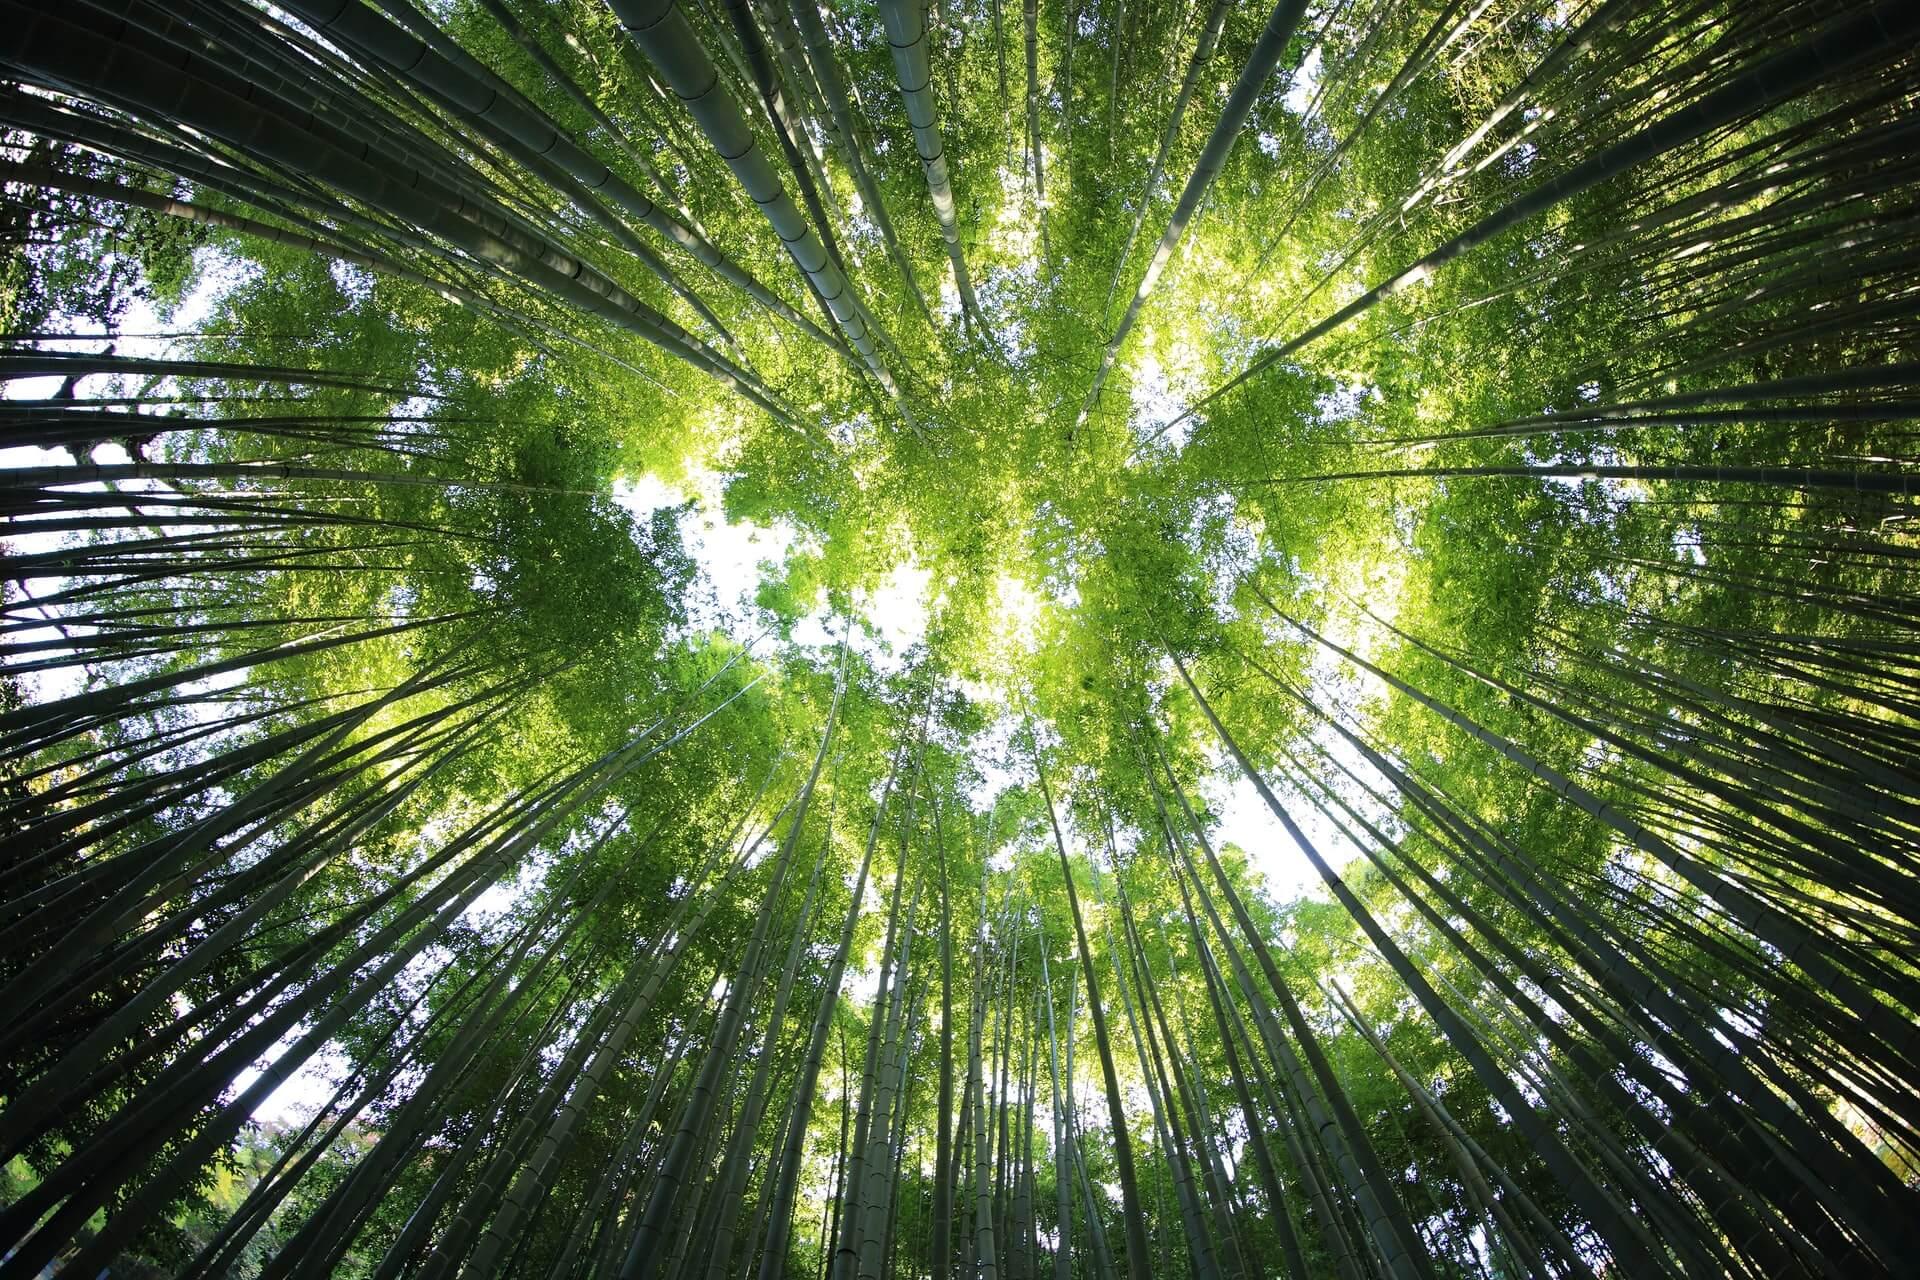 Der Himmel wird sichtbar durch die Baumkronen